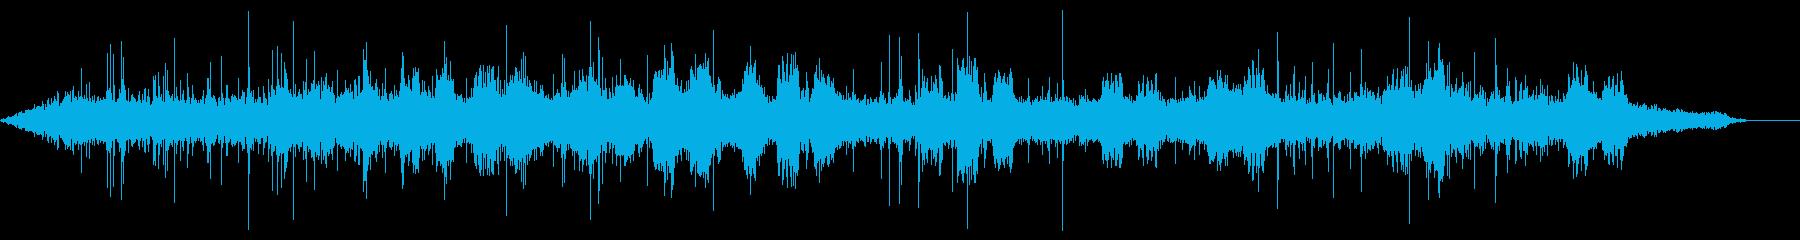 ラジオドラマや動画の効果音に オフィスの再生済みの波形